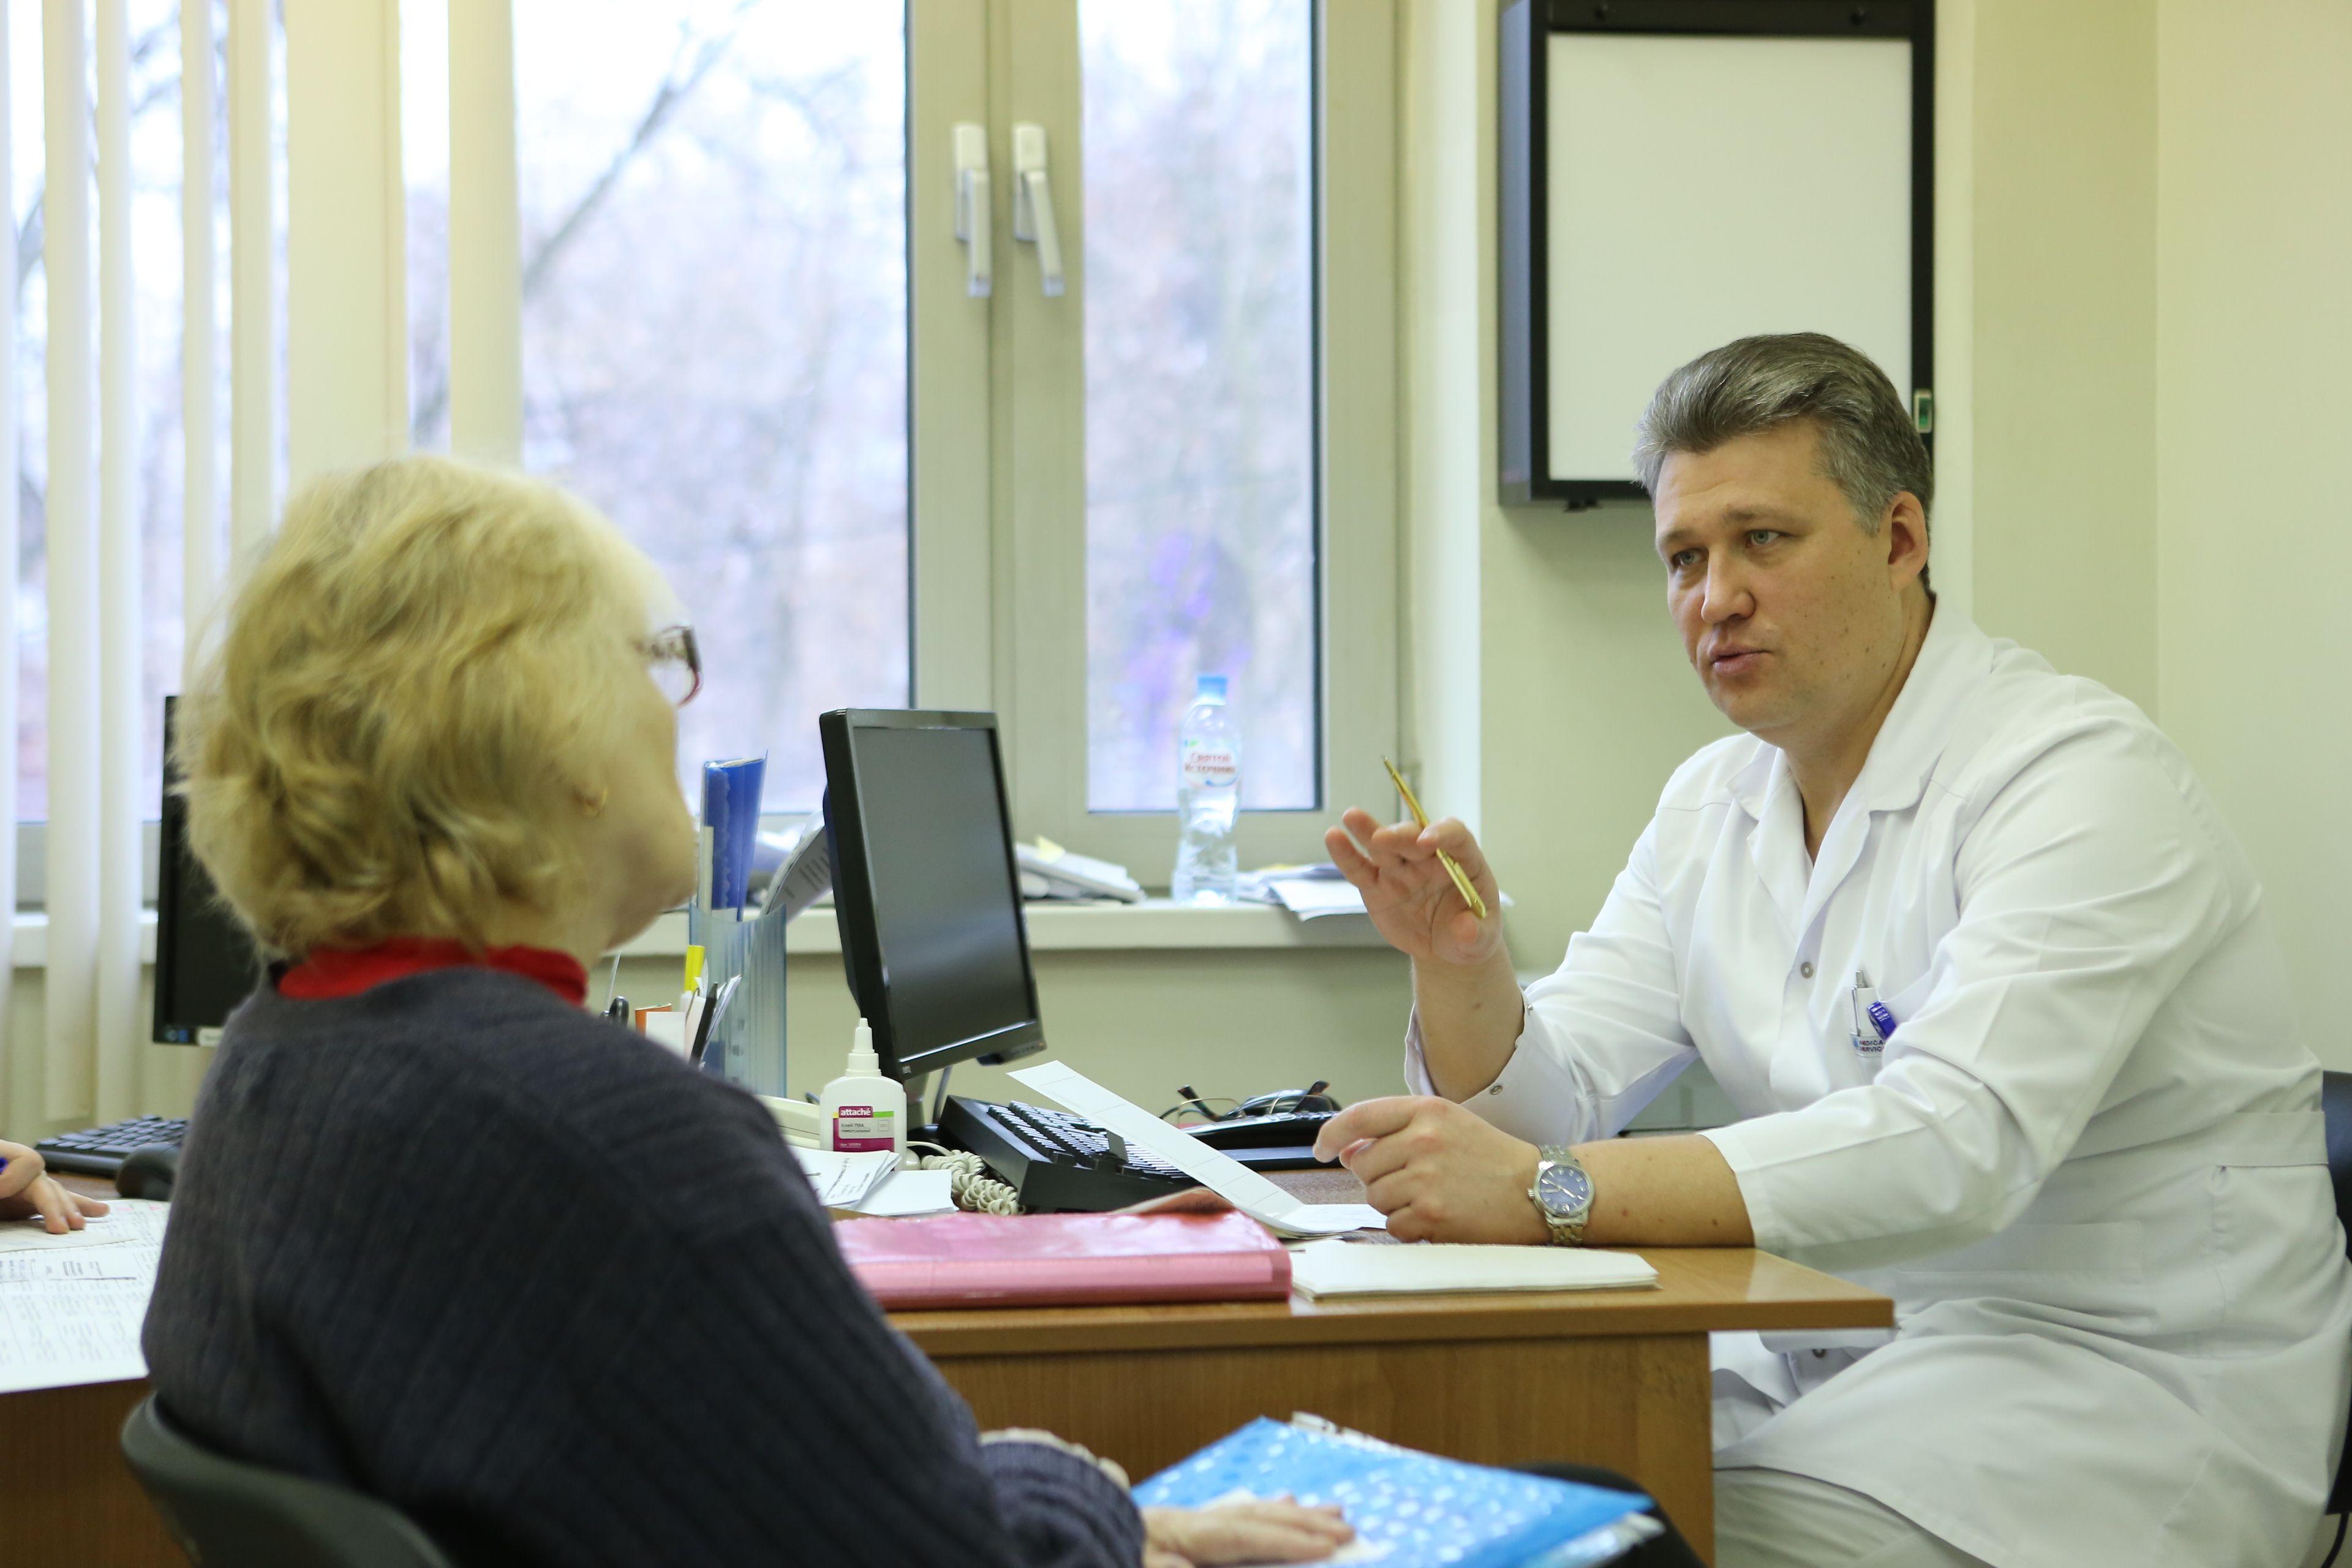 Столичные больницы в апреле проведут дни открытых дверей. Фото: Алексей Орлов, «Вечерняя Москва»